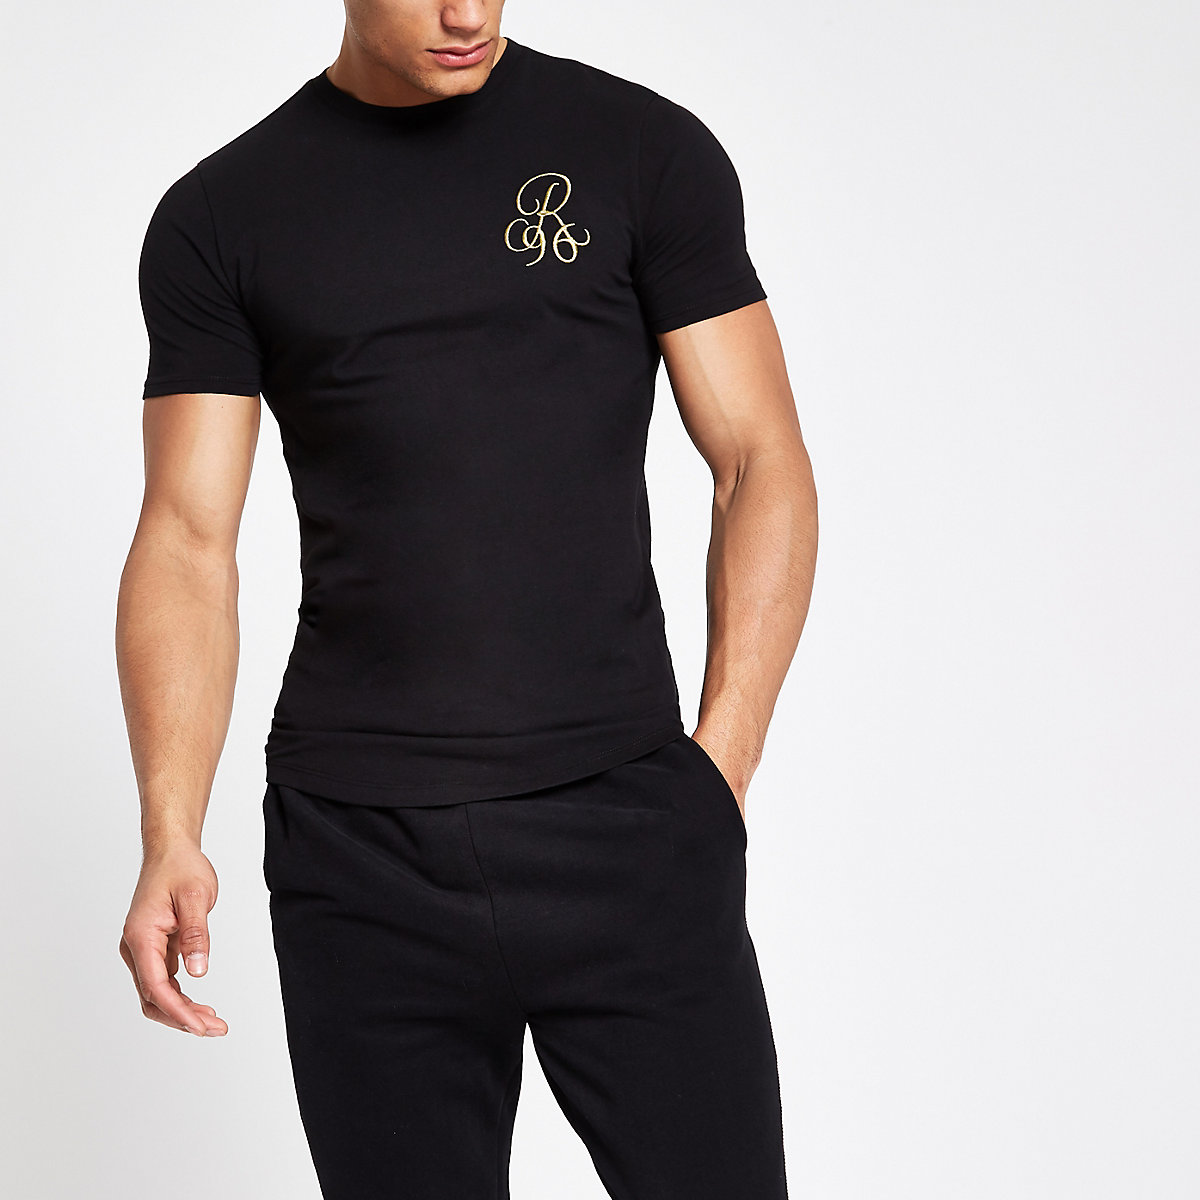 T-shirt ajusté R96 noir